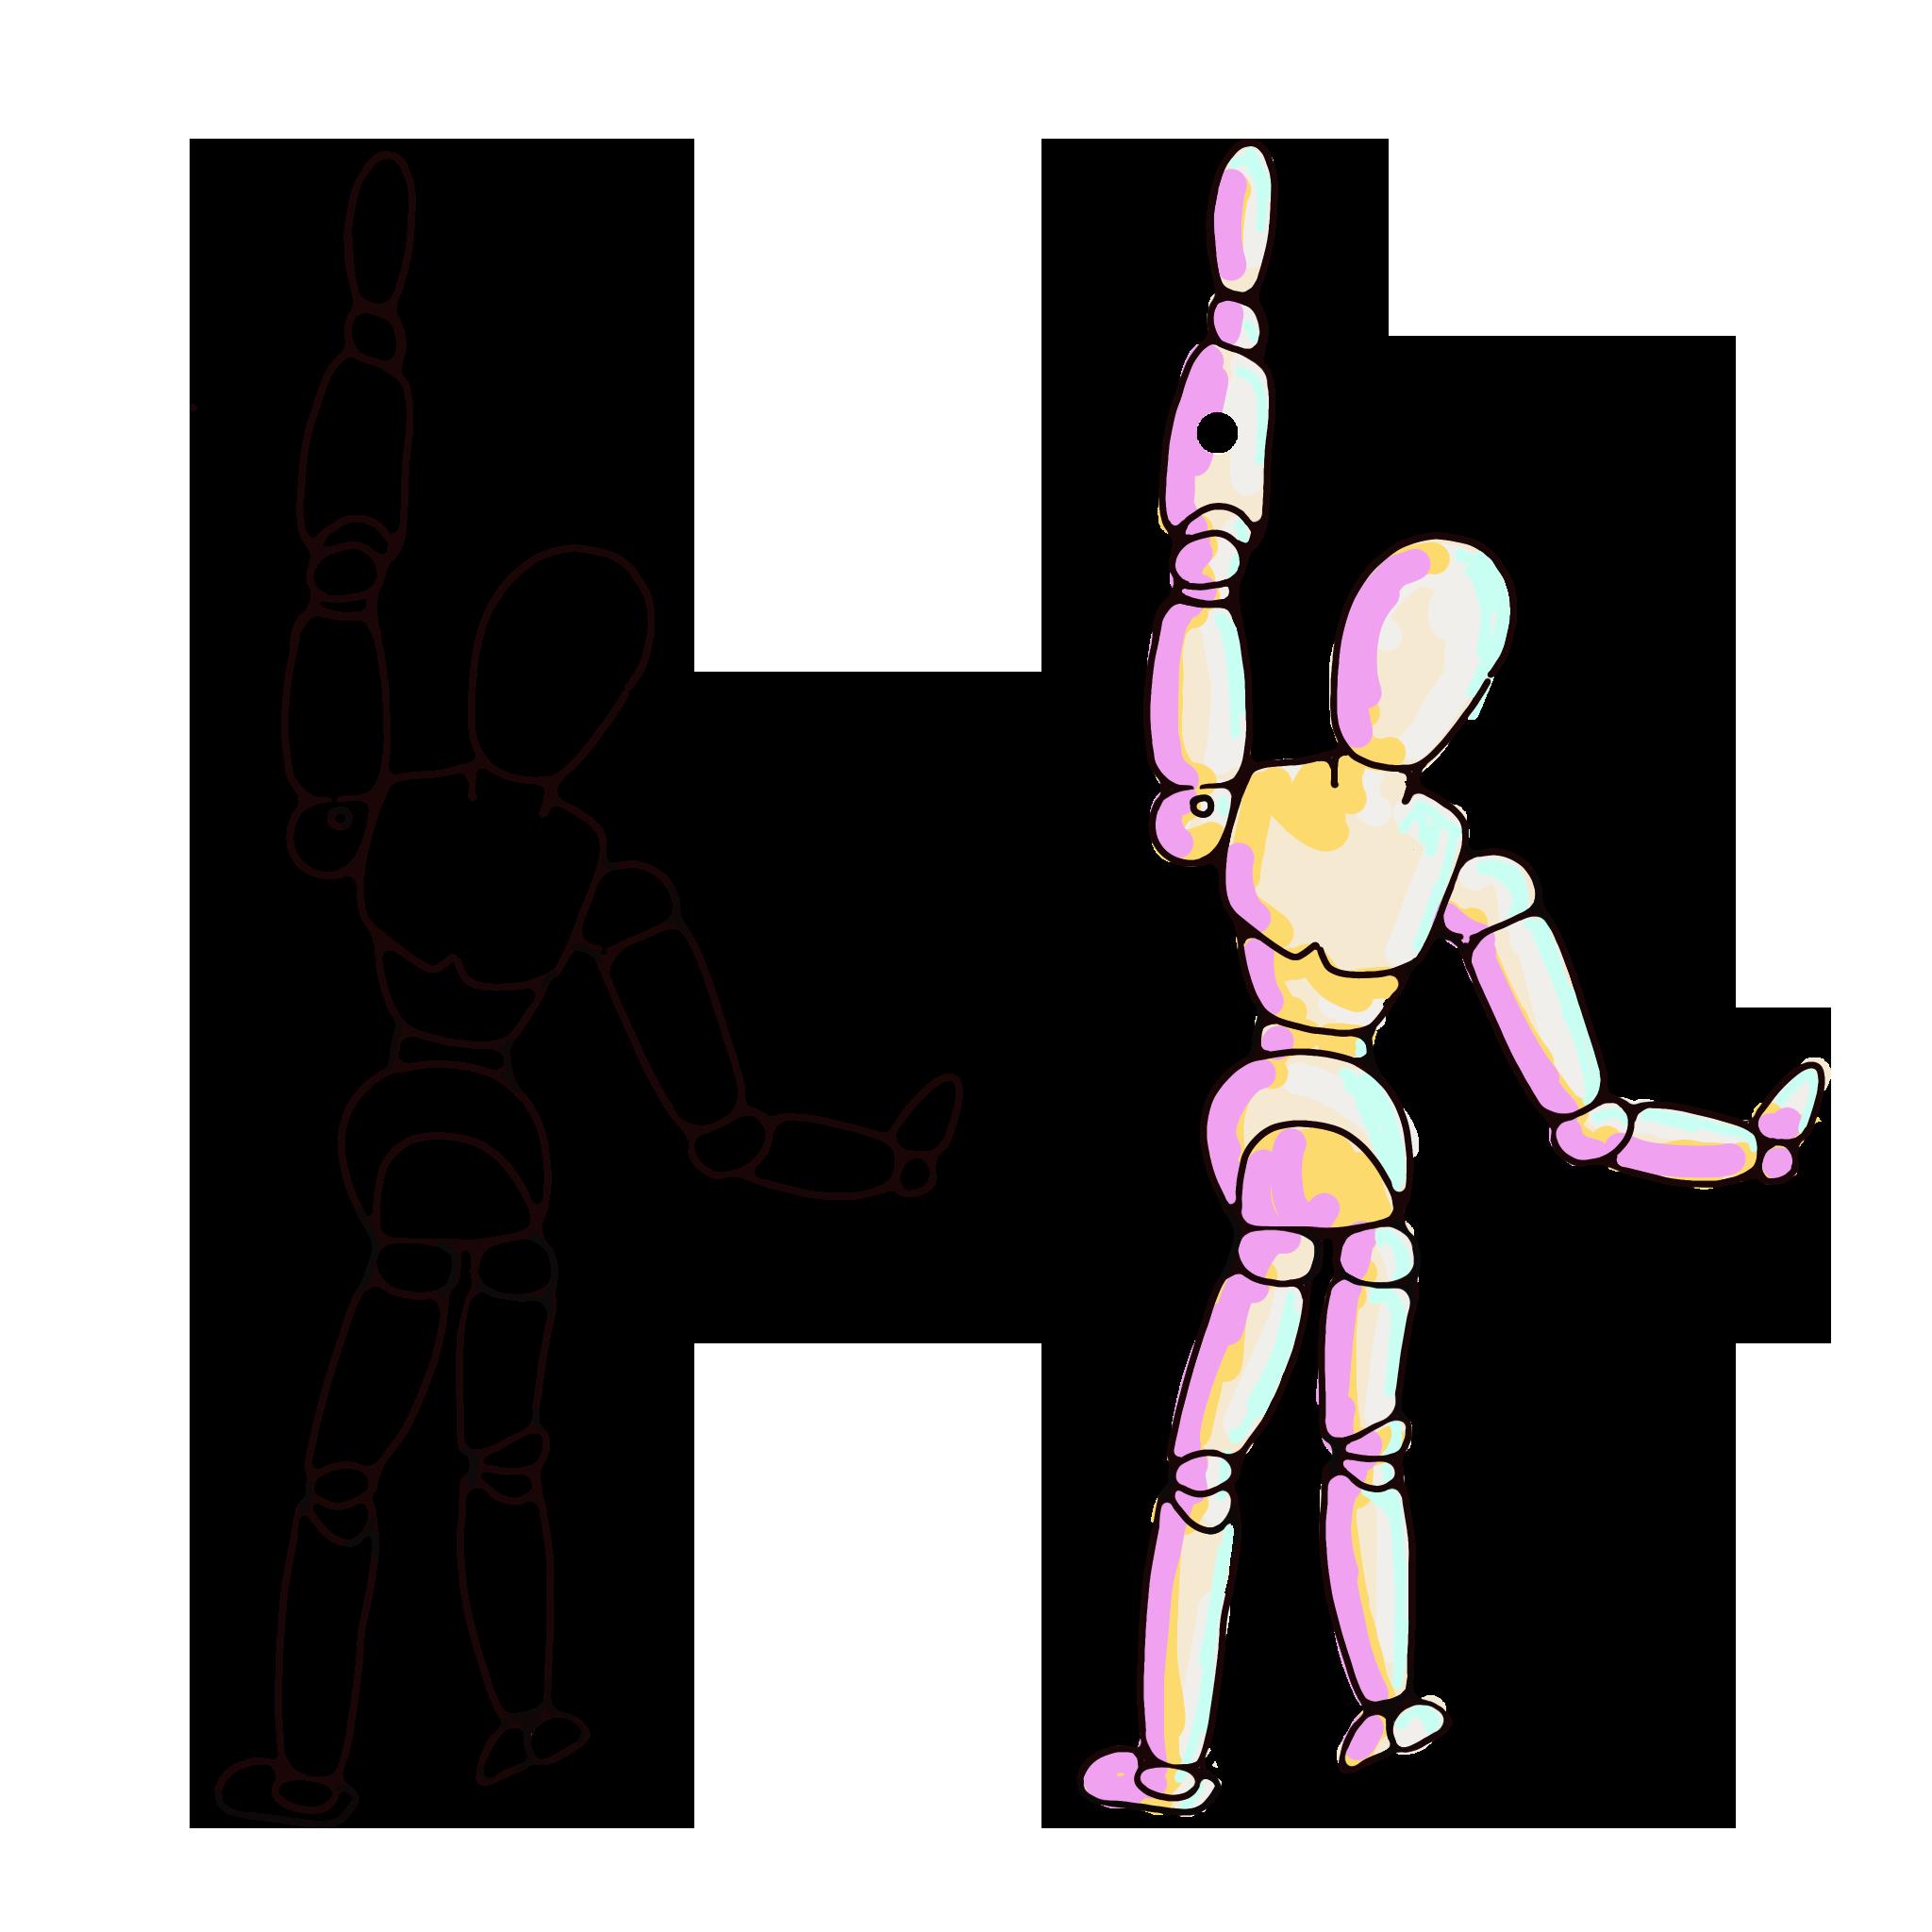 Artist Figure Reaching Up